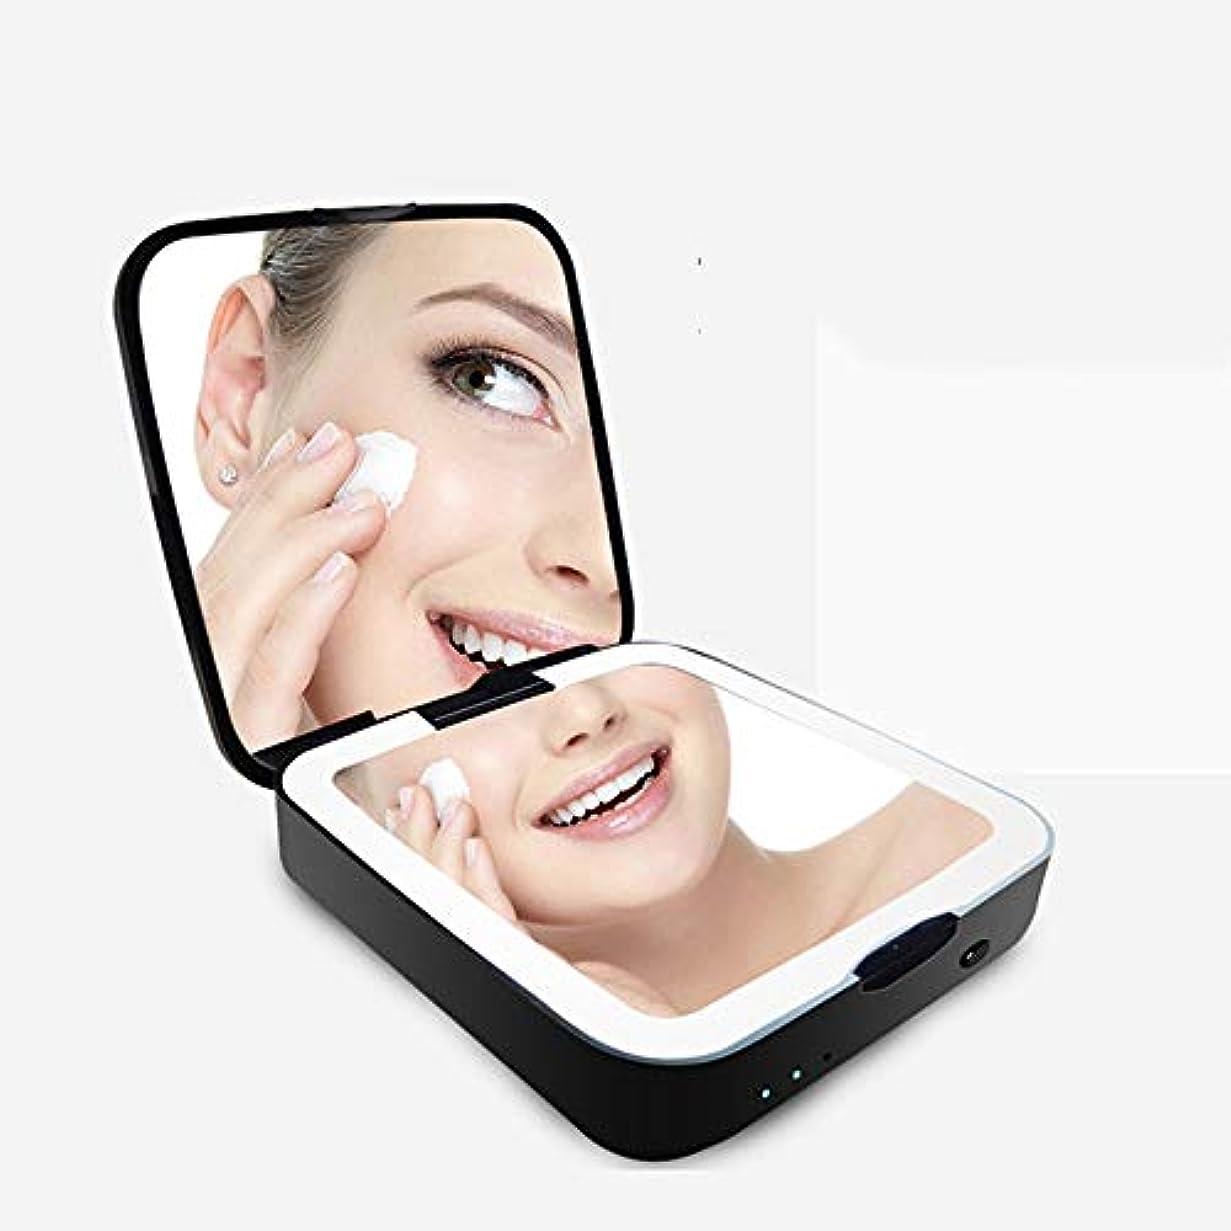 契約したぺディカブディレイ流行の 新しい両面折りたたみLEDライトポータブルポータブルミラー充電宝化粧鏡ABS黒美容ミラー虫眼鏡ナイトライト